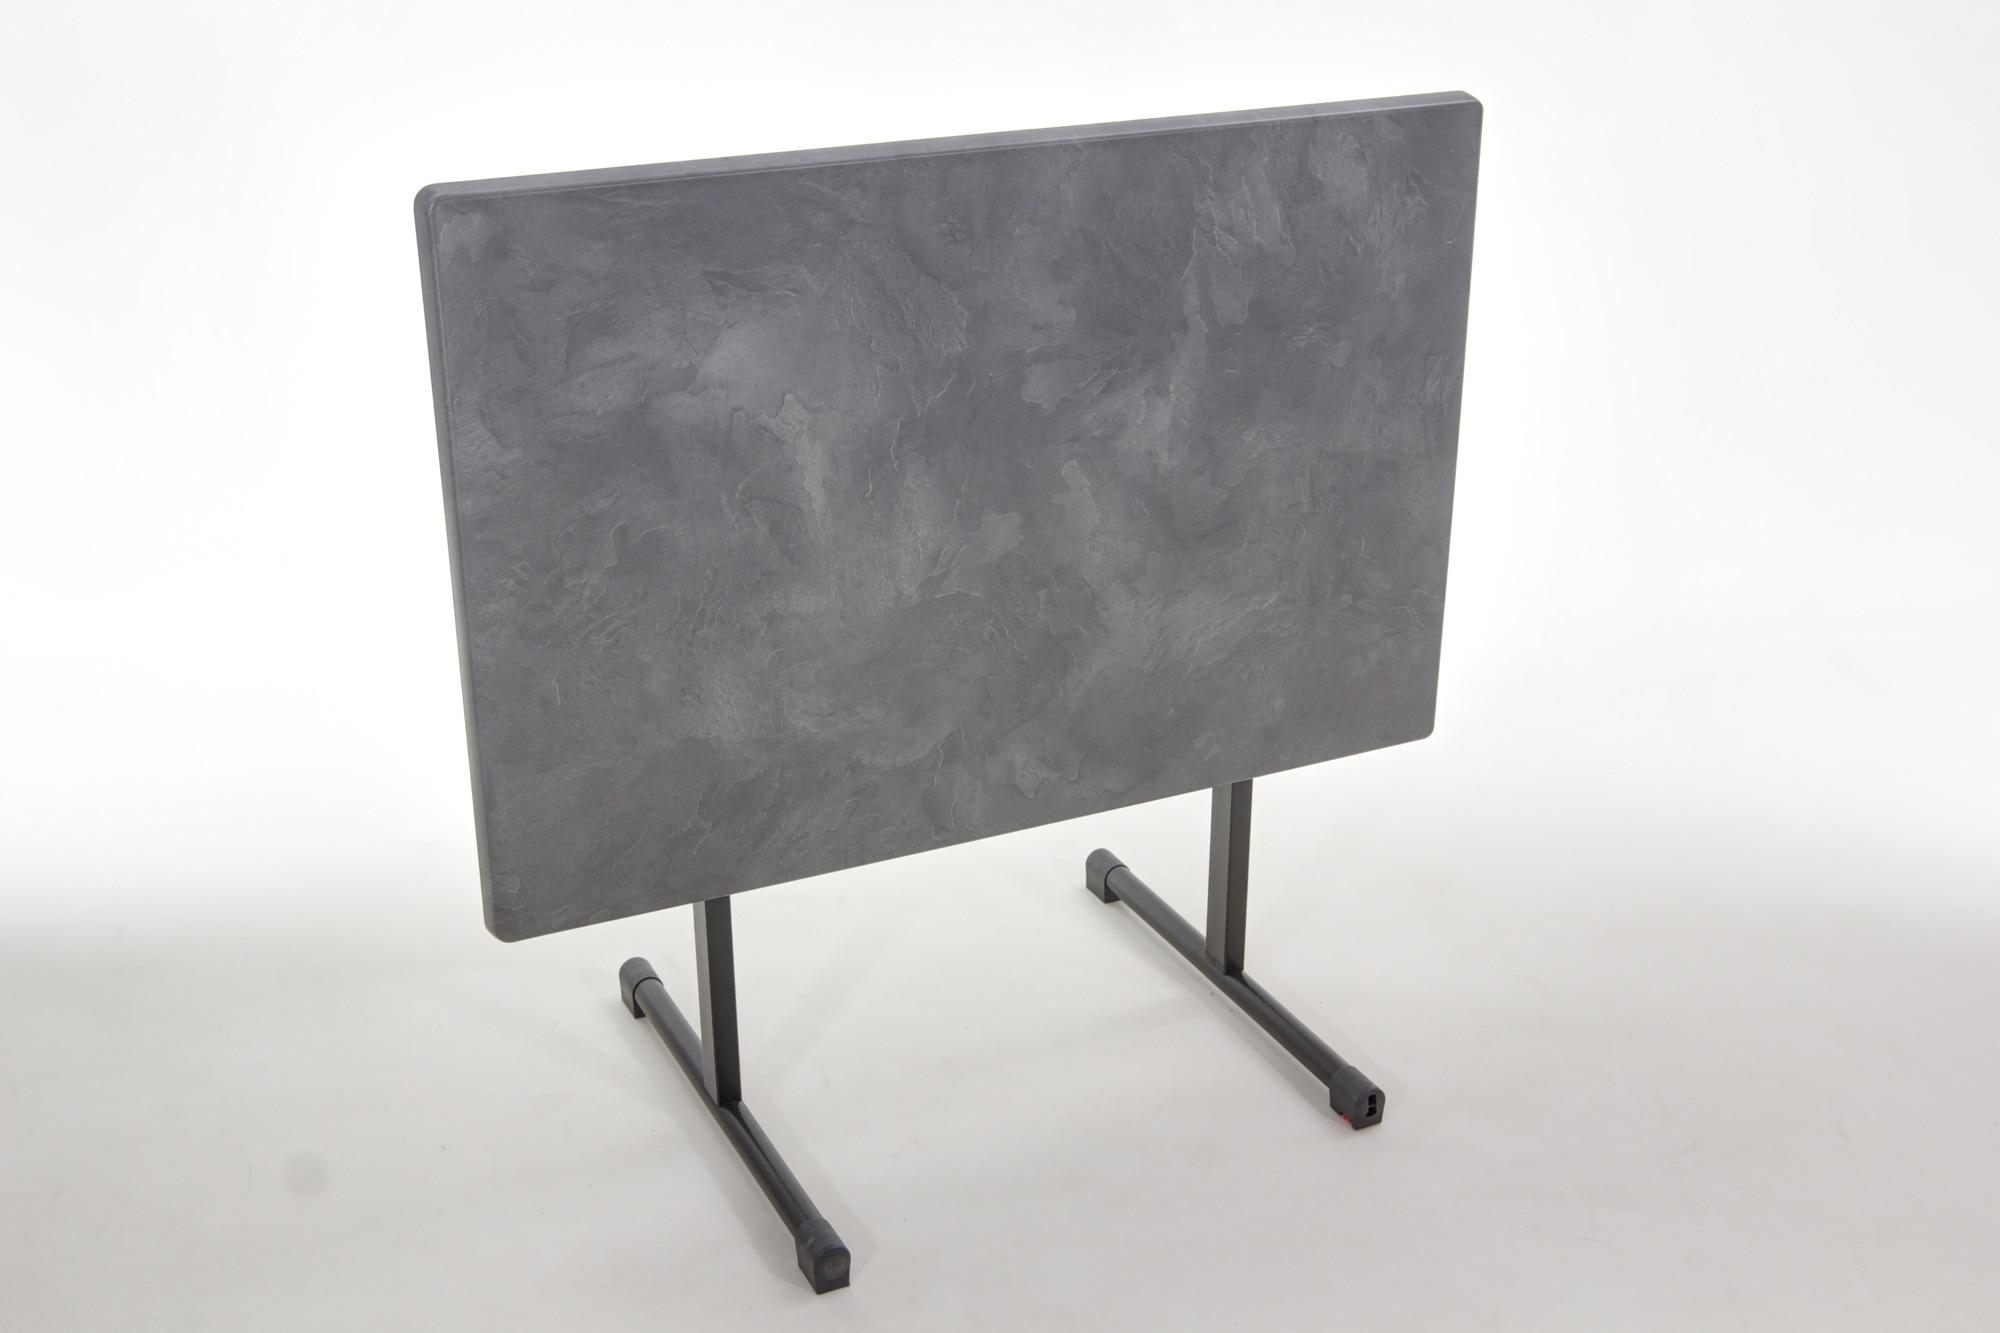 1547121436-gartenmoebel-120x80cm-gastrotisch-sylt_3.jpg